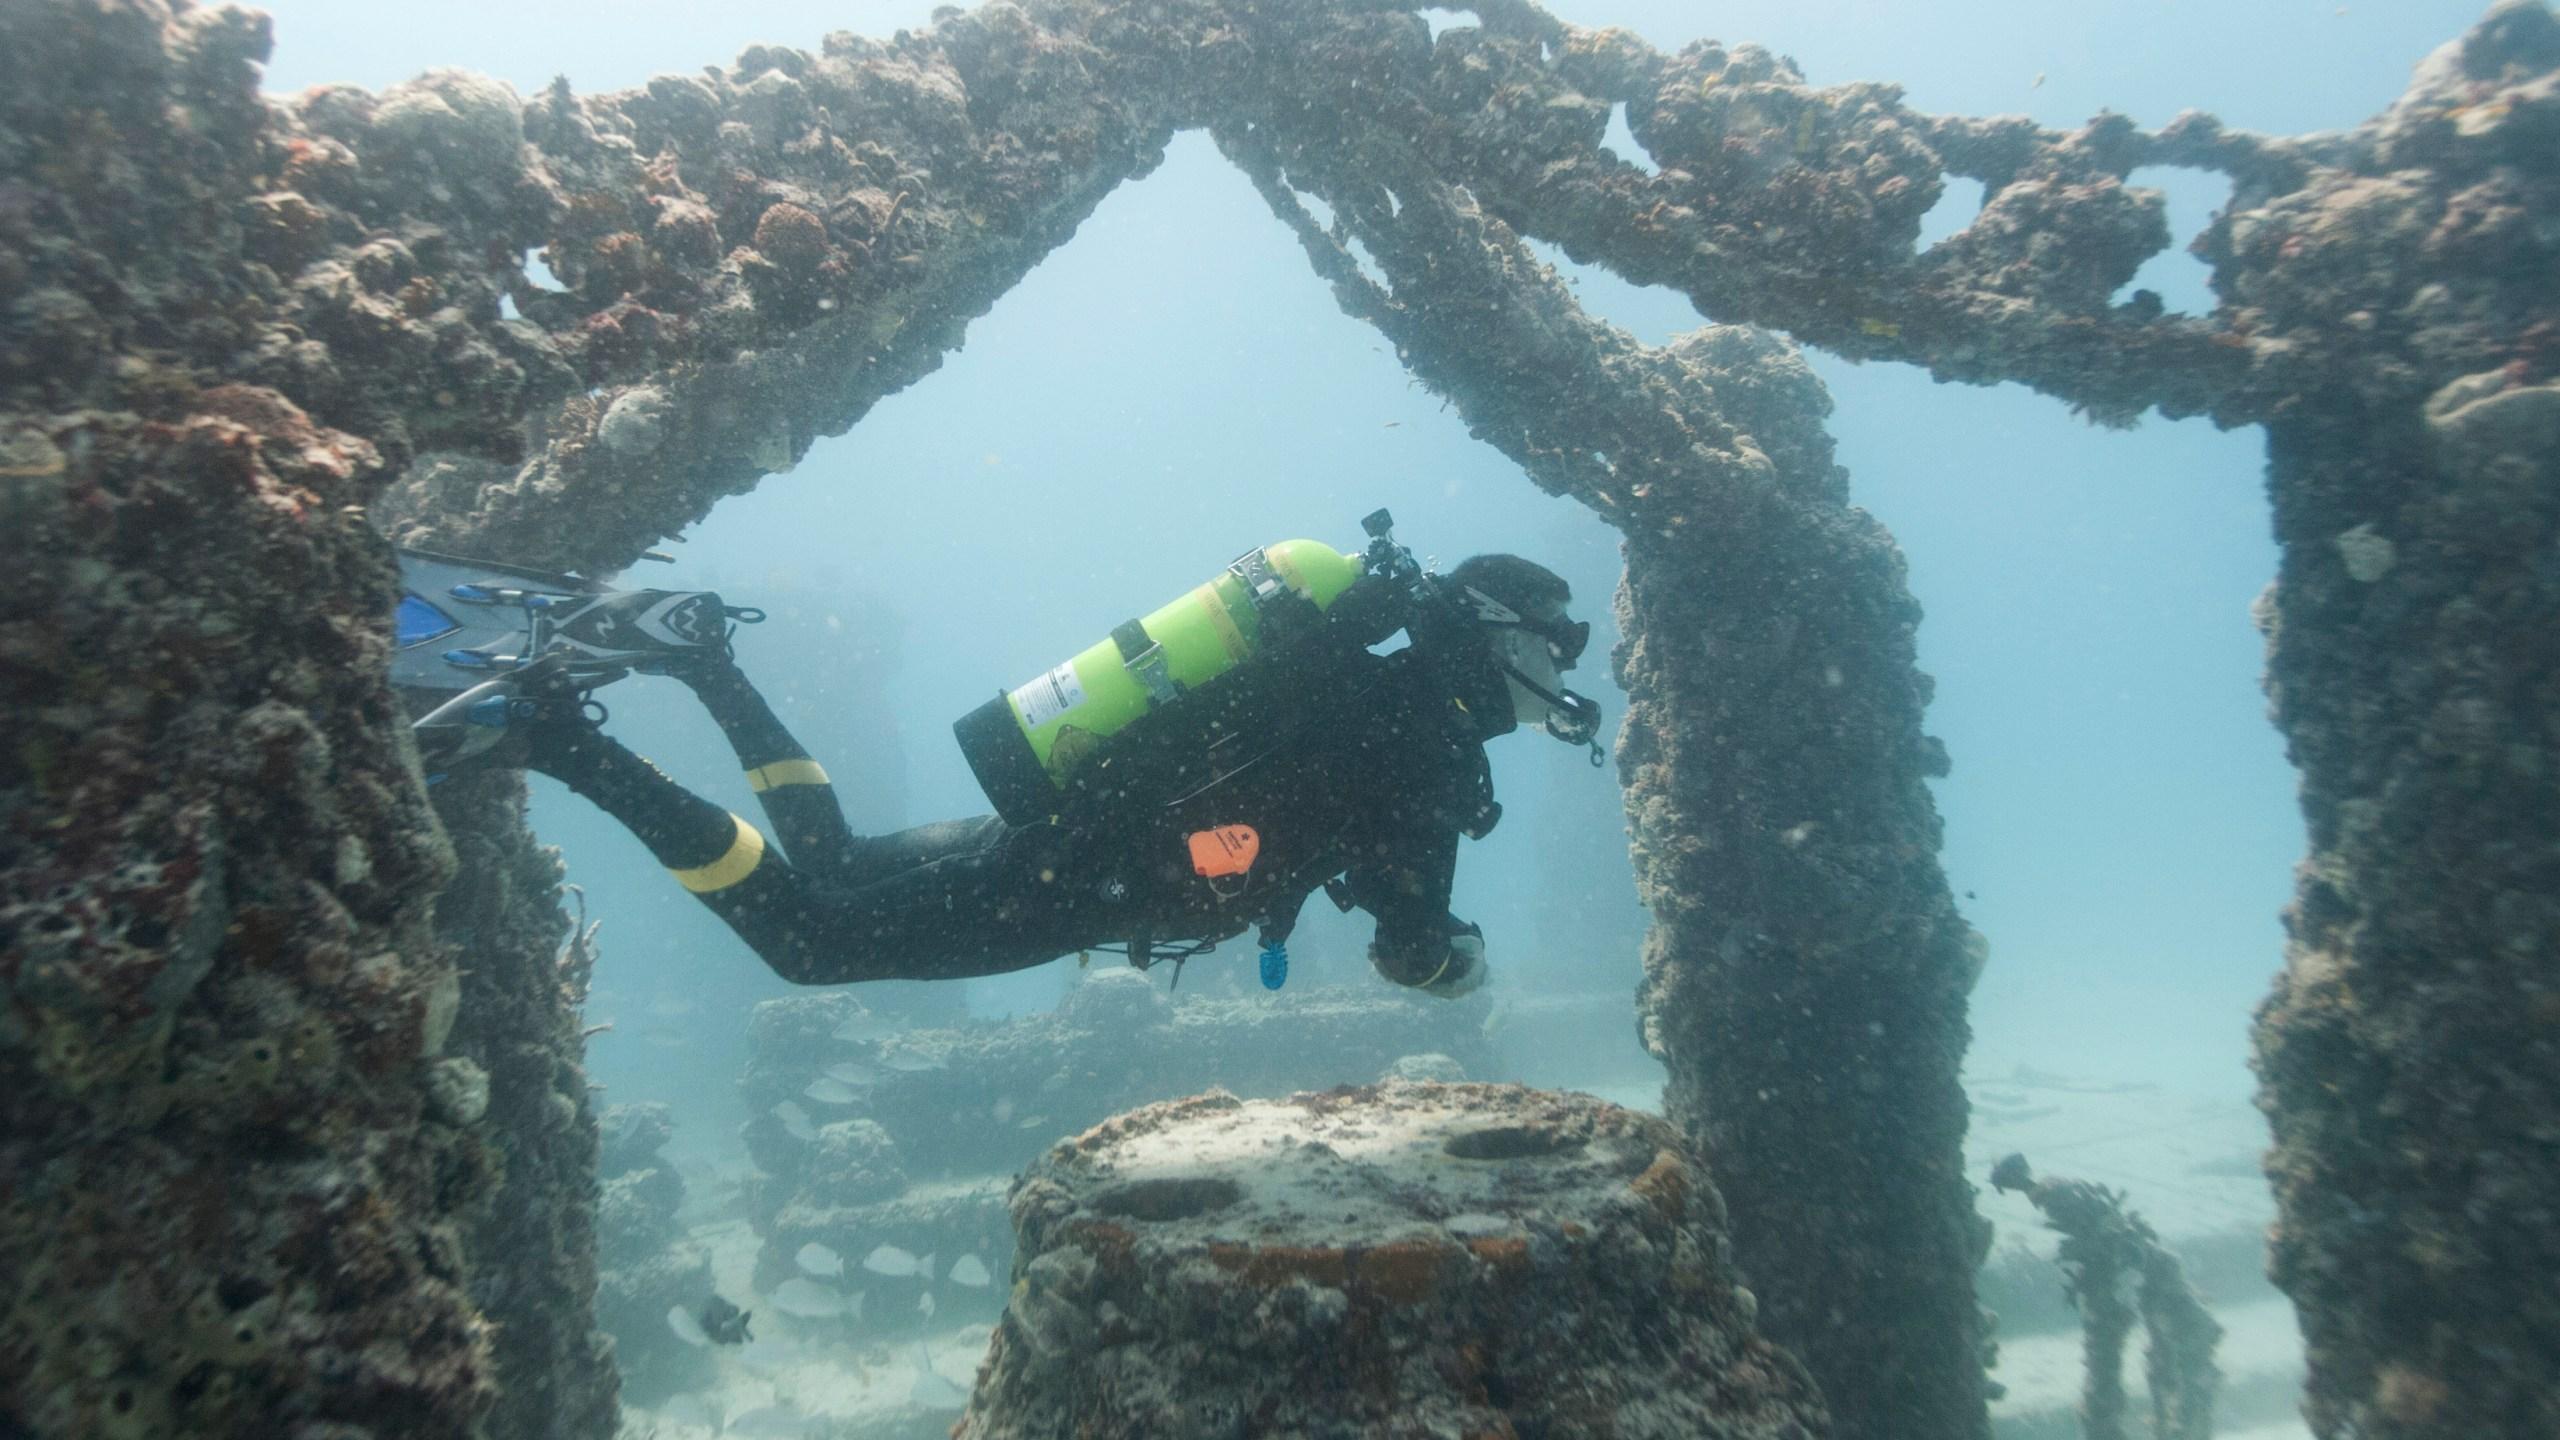 Coral_Reef_Cemetery_87096-159532.jpg27327959